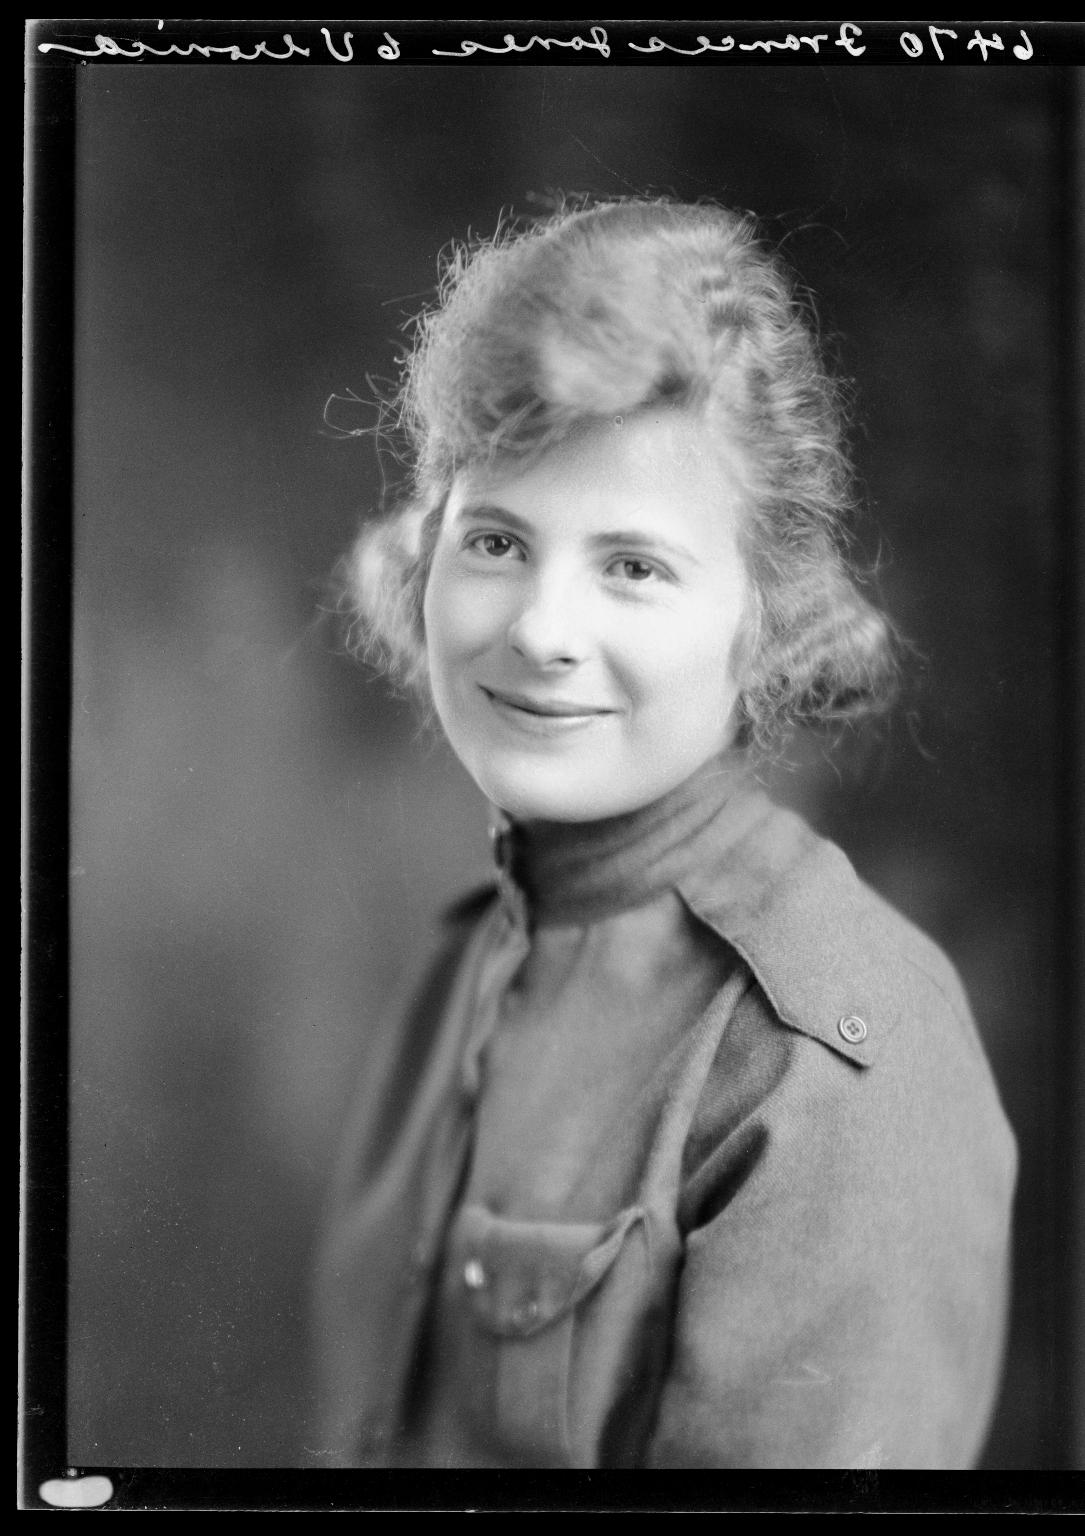 Portraits of Frances Jones